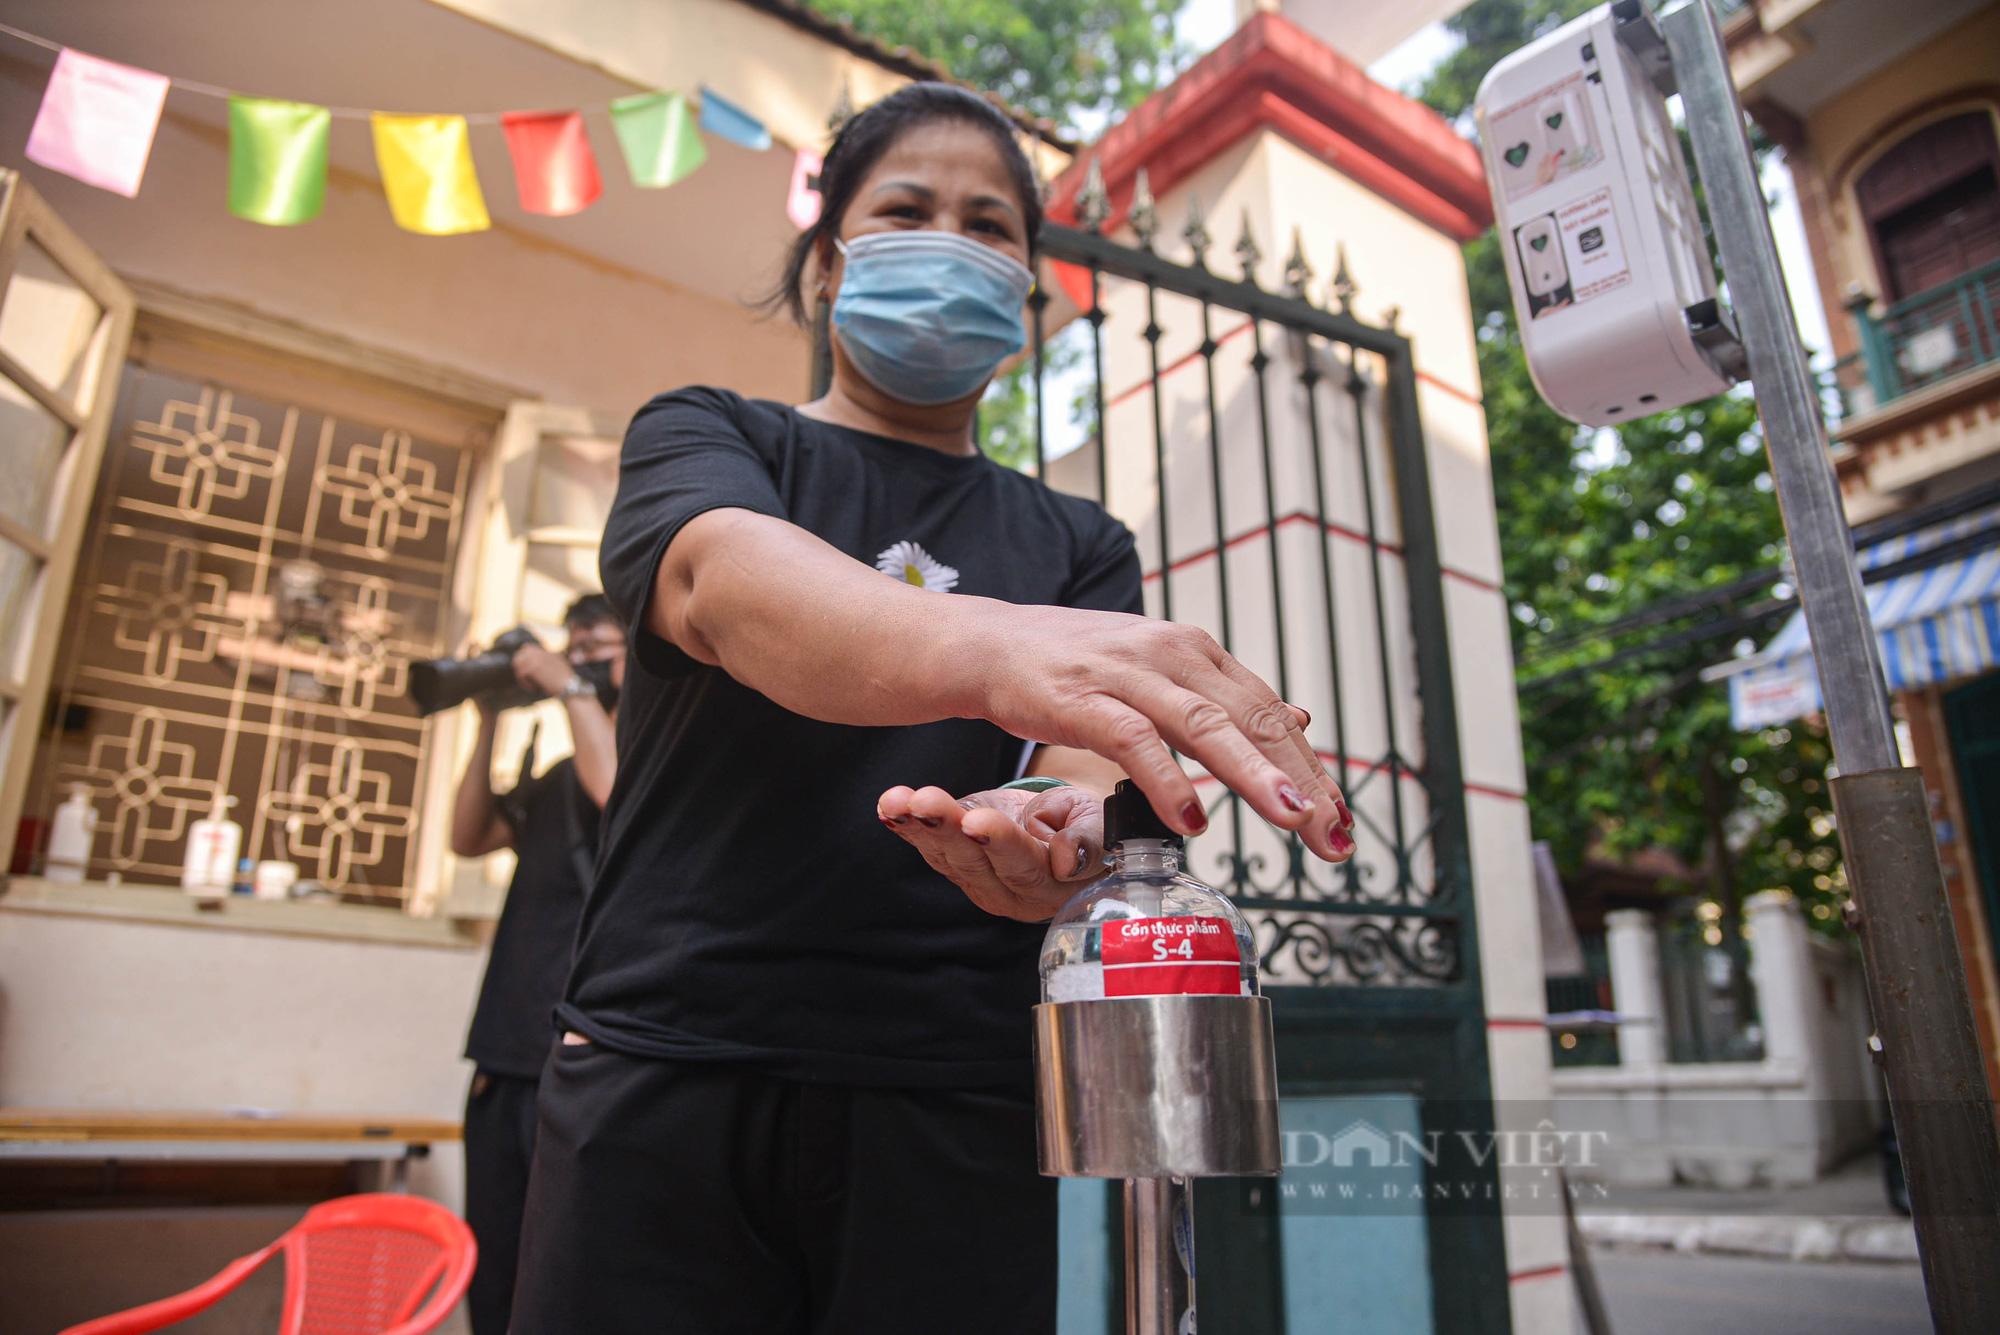 Hà Nội: Điểm bán hàng lưu động thuận lợi cho người dân trong mùa dịch - Ảnh 8.